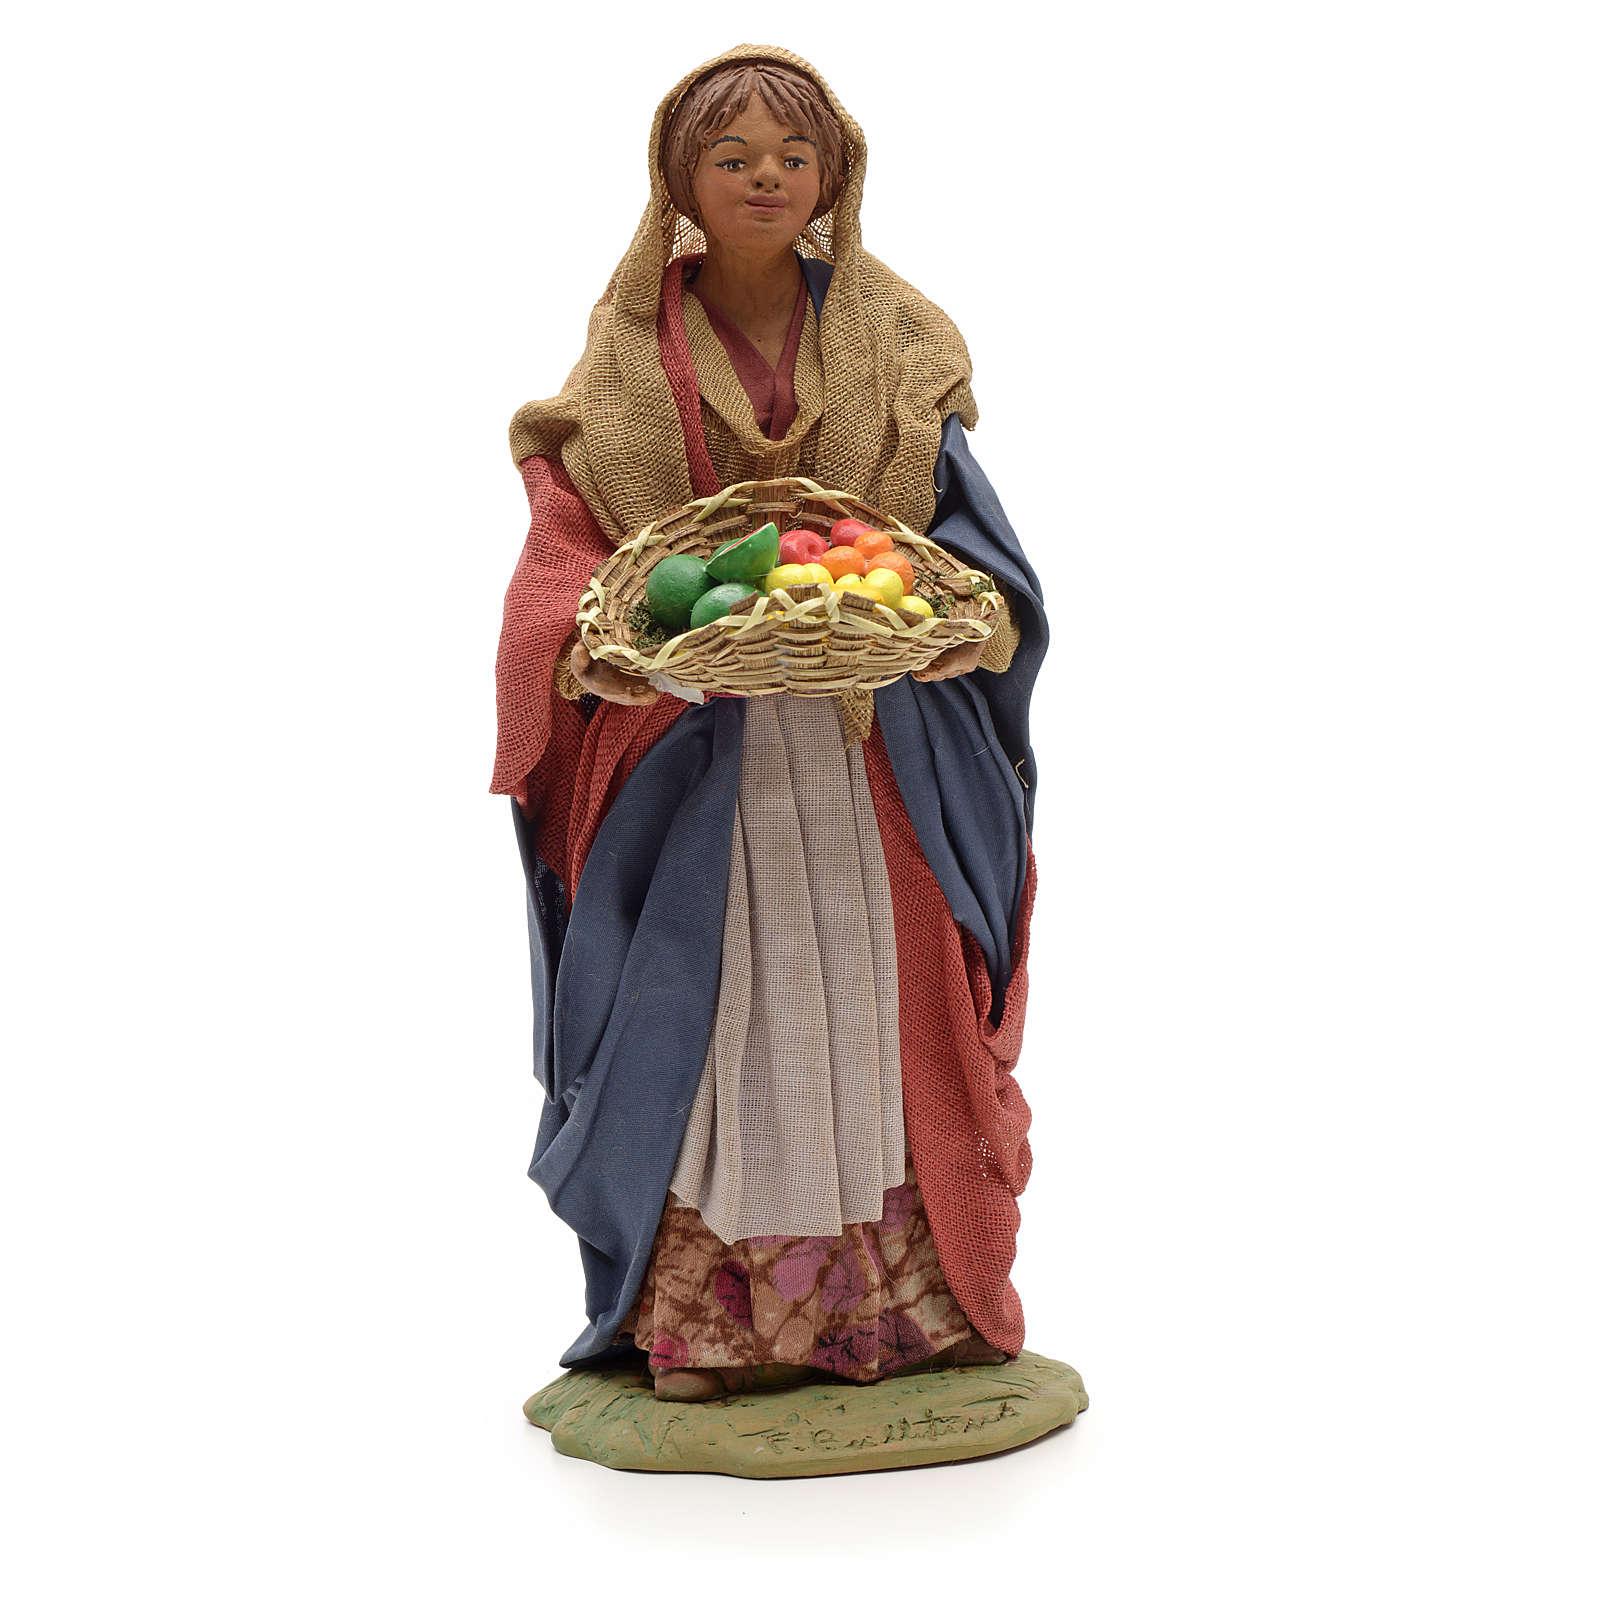 Donna giovane con cesto frutta 24 cm presepe Napoli 4